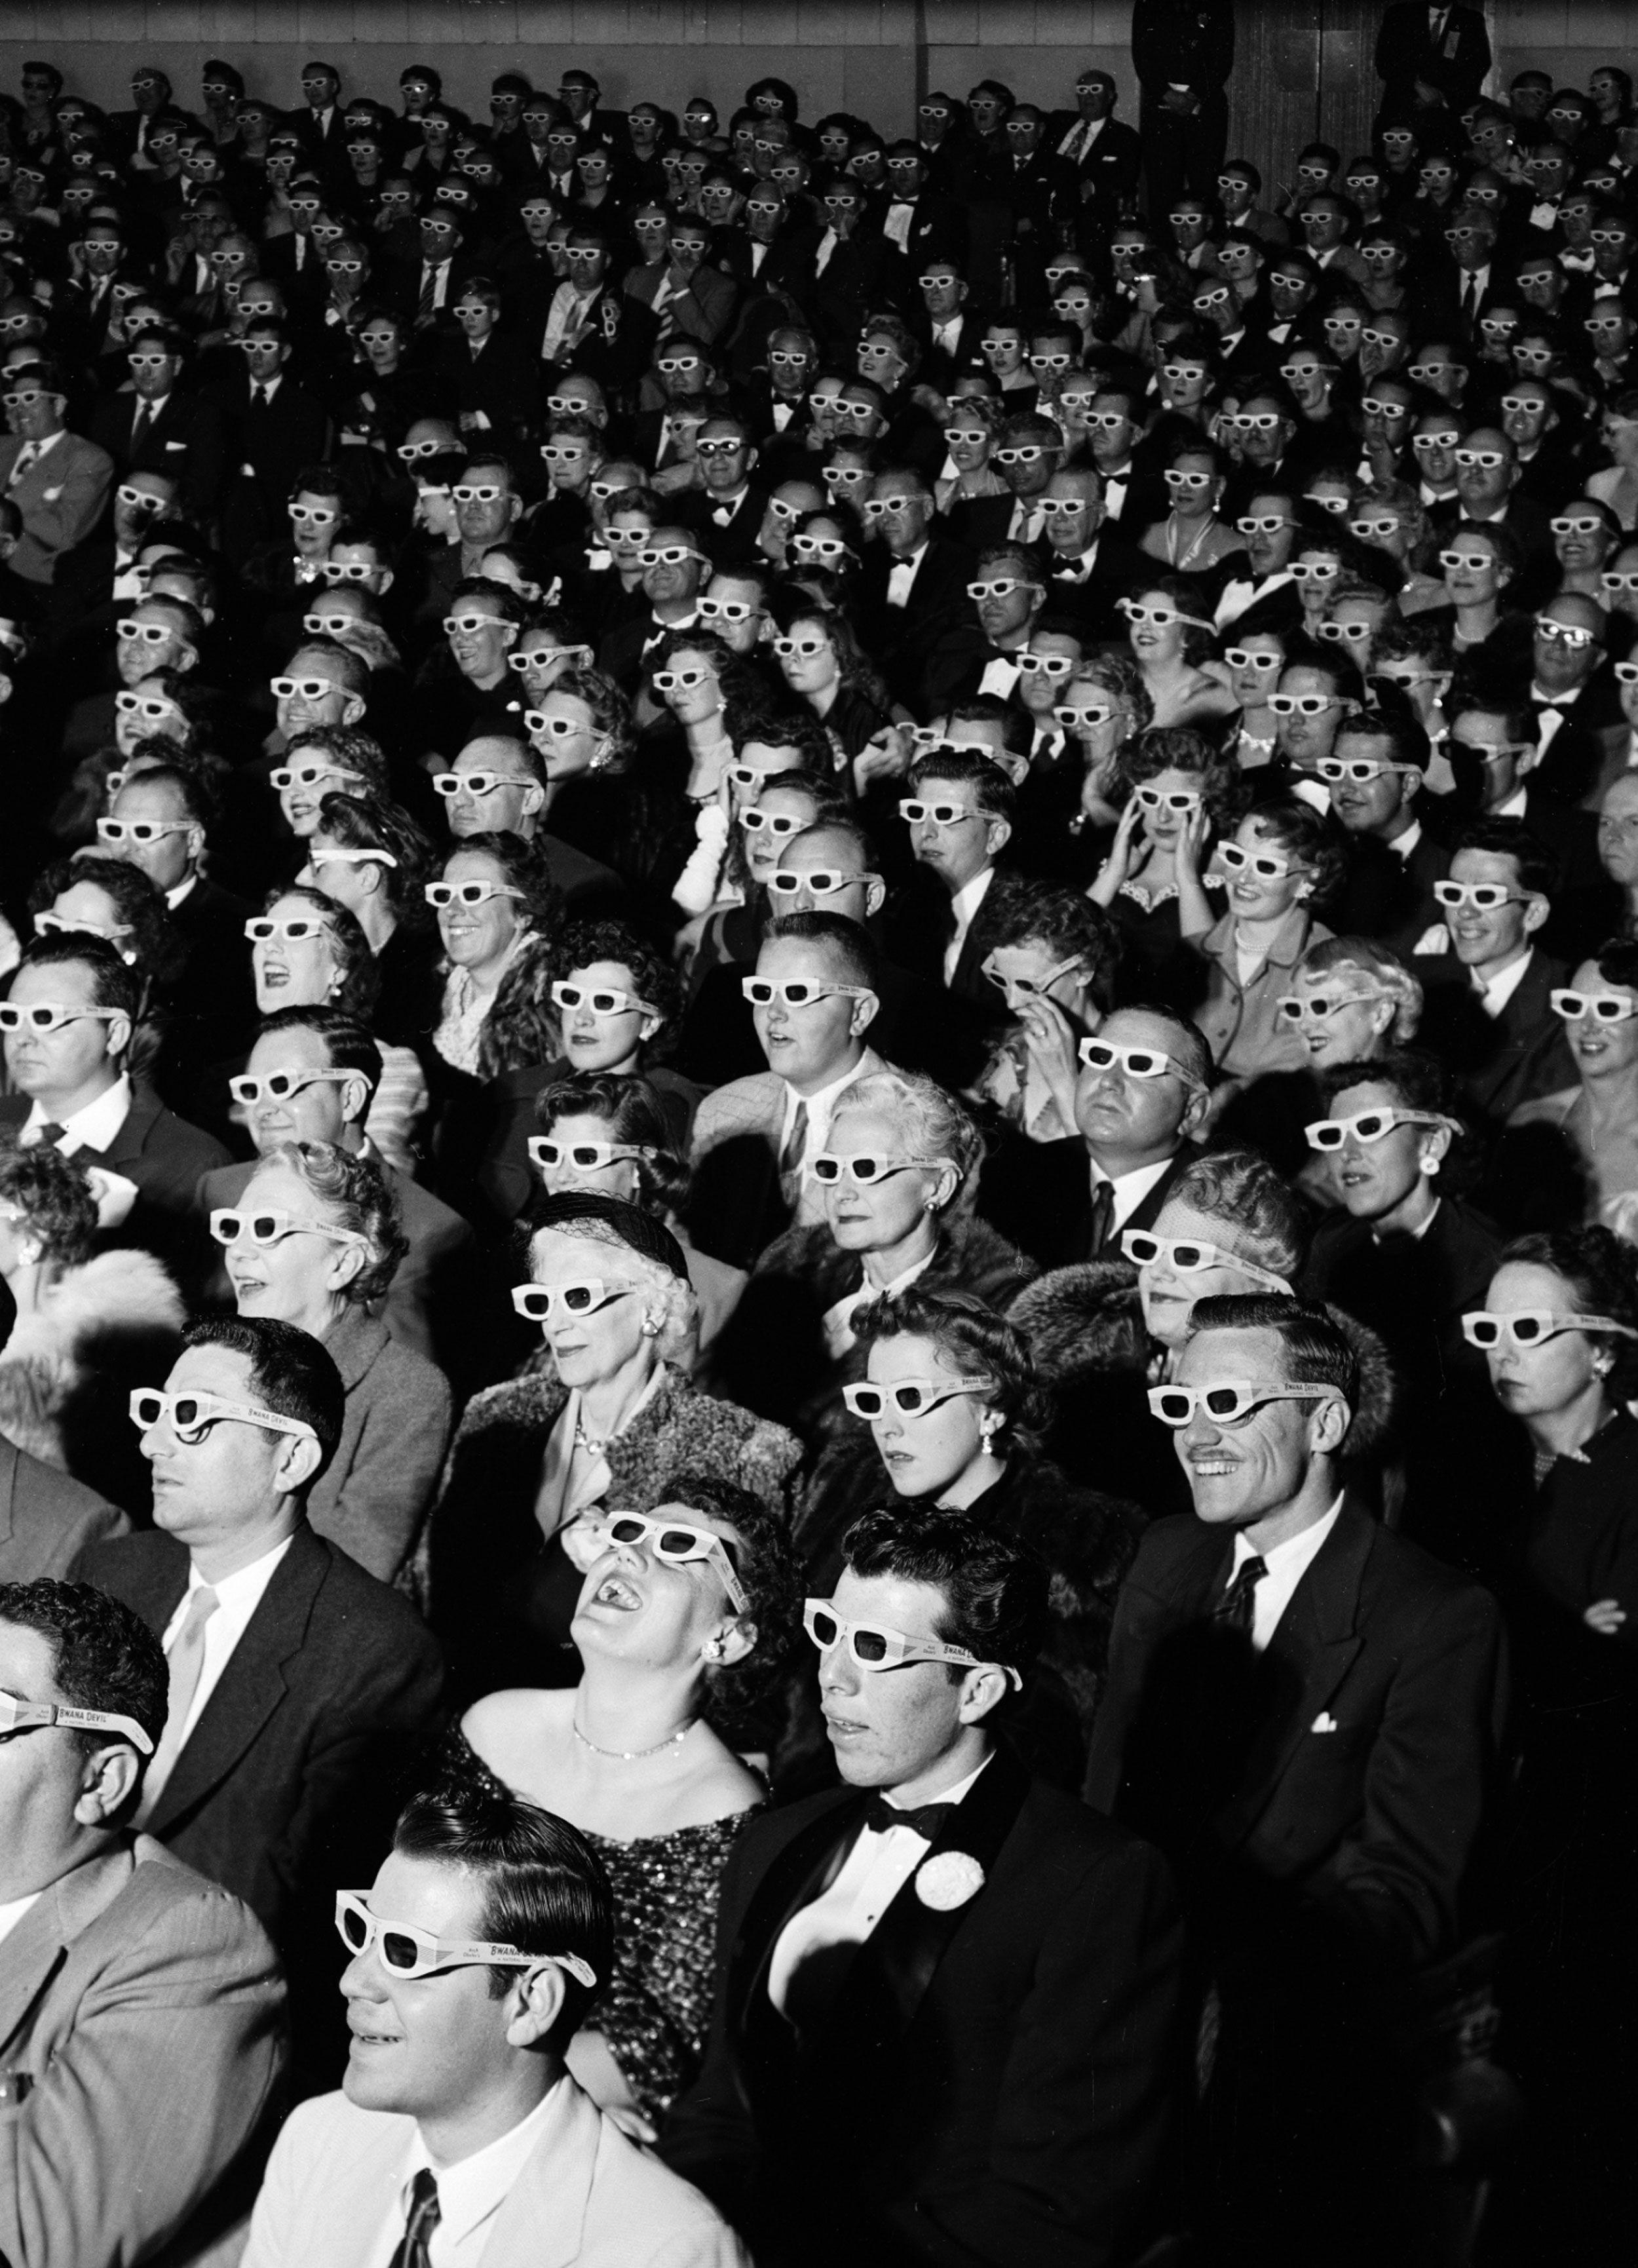 cbf38ec9ee 3D glasses